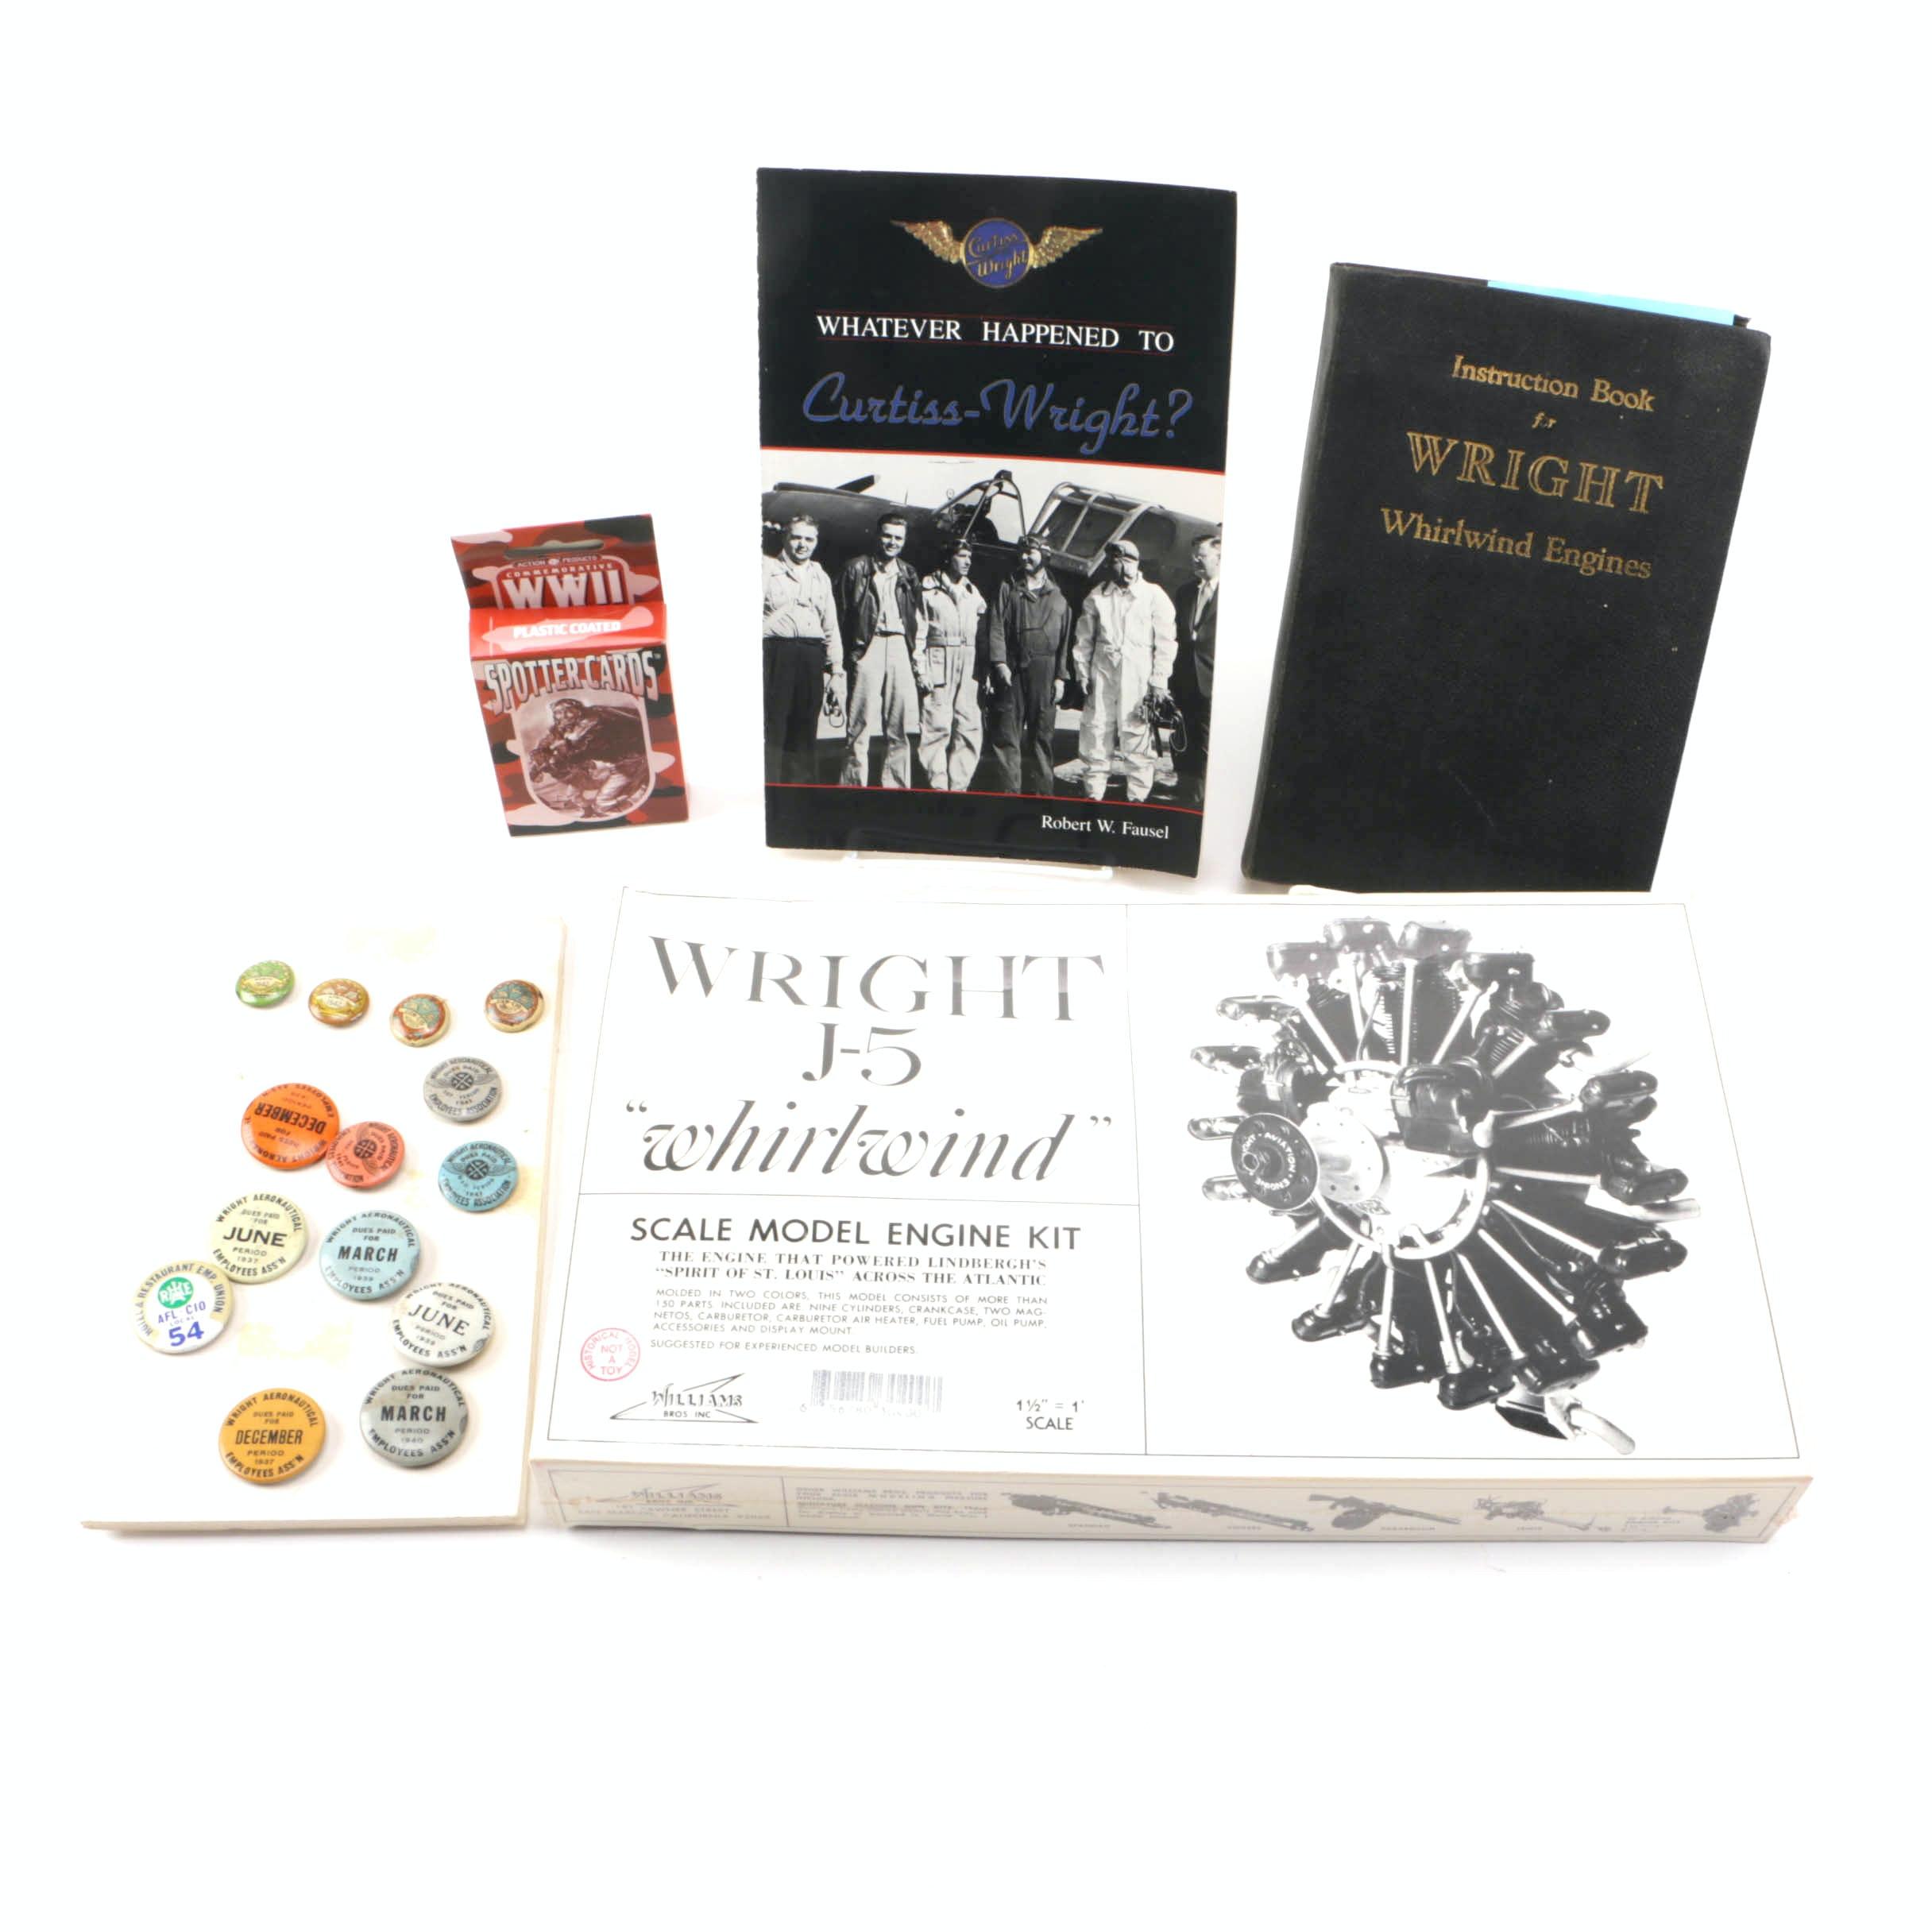 Curtiss-Wright Books and Memorabilia